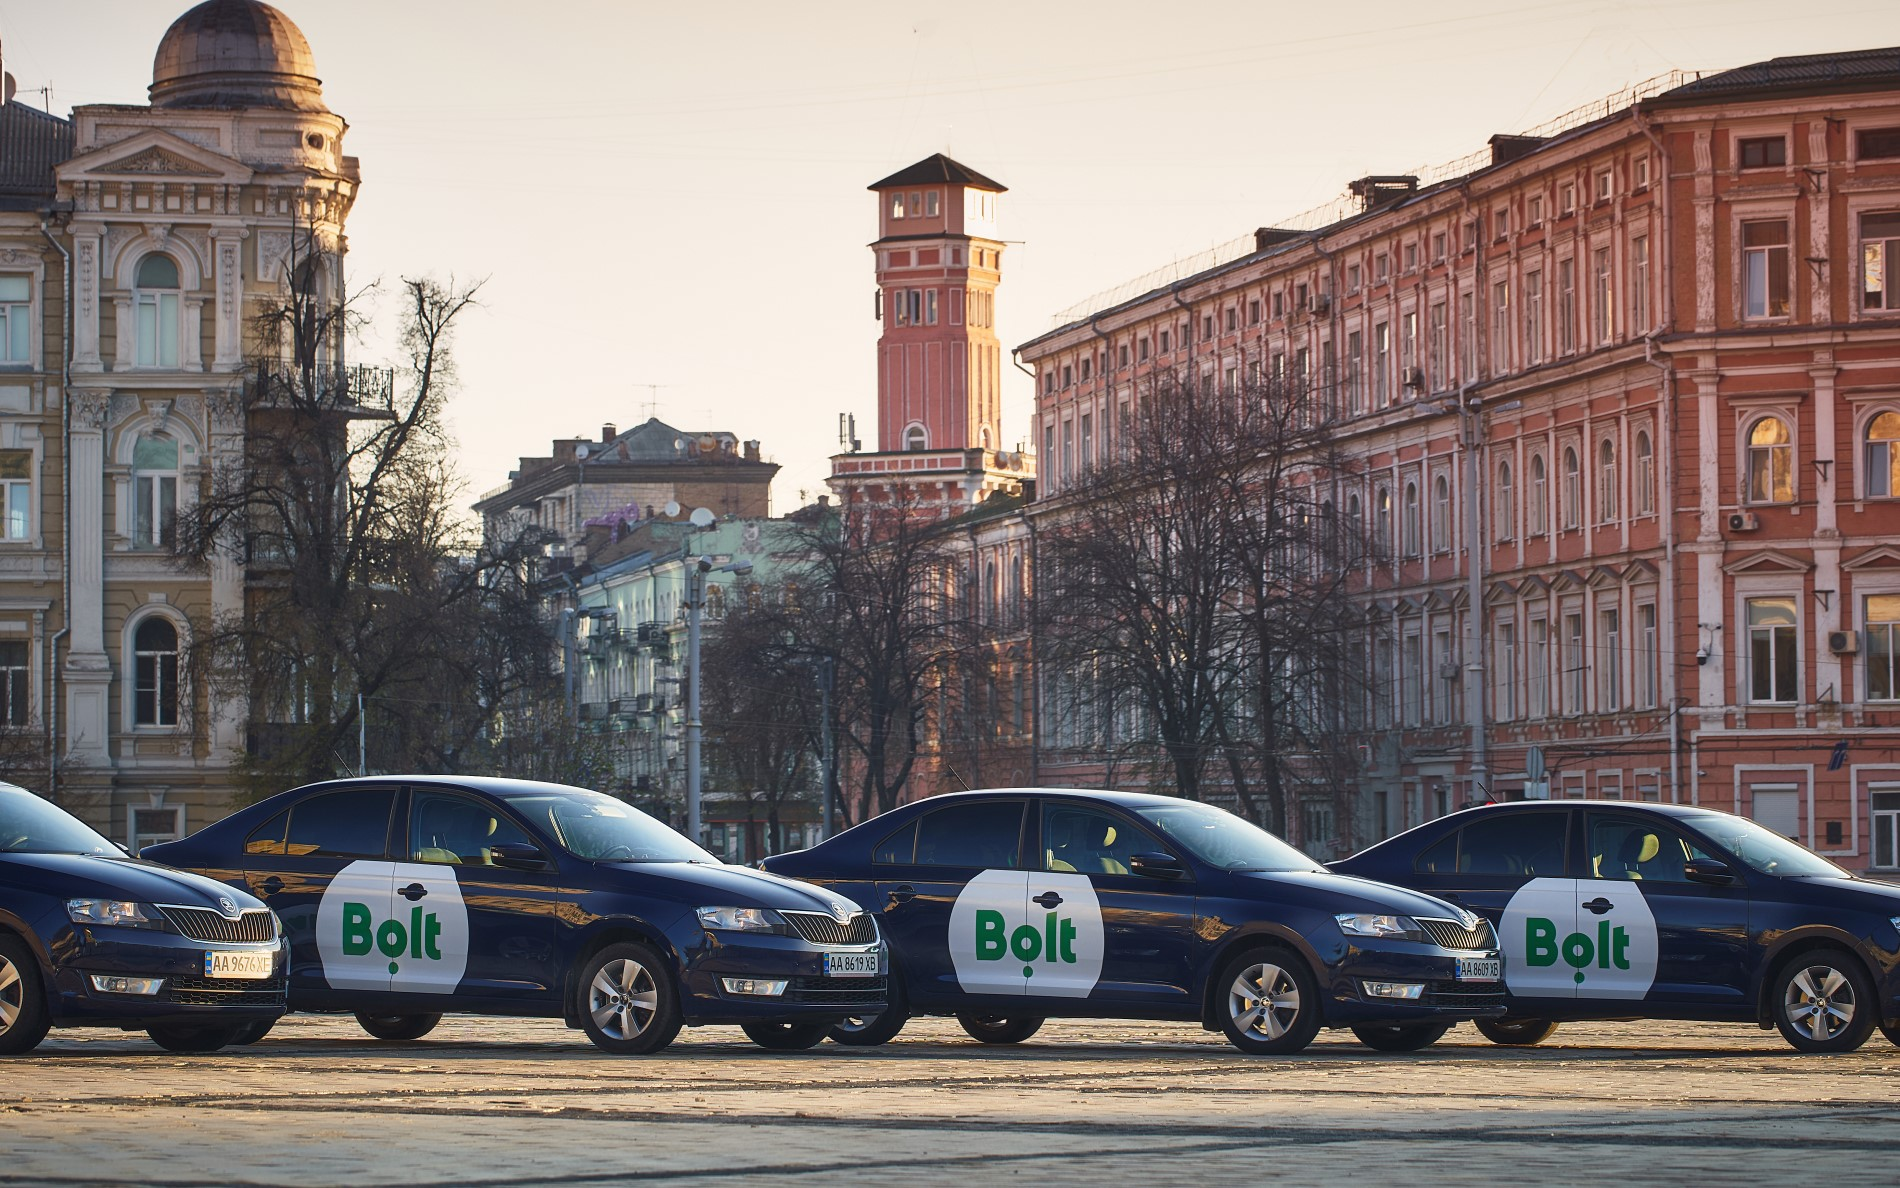 Автомобили Bolt в Киеве (фото предоставлено пресс-службой компании)